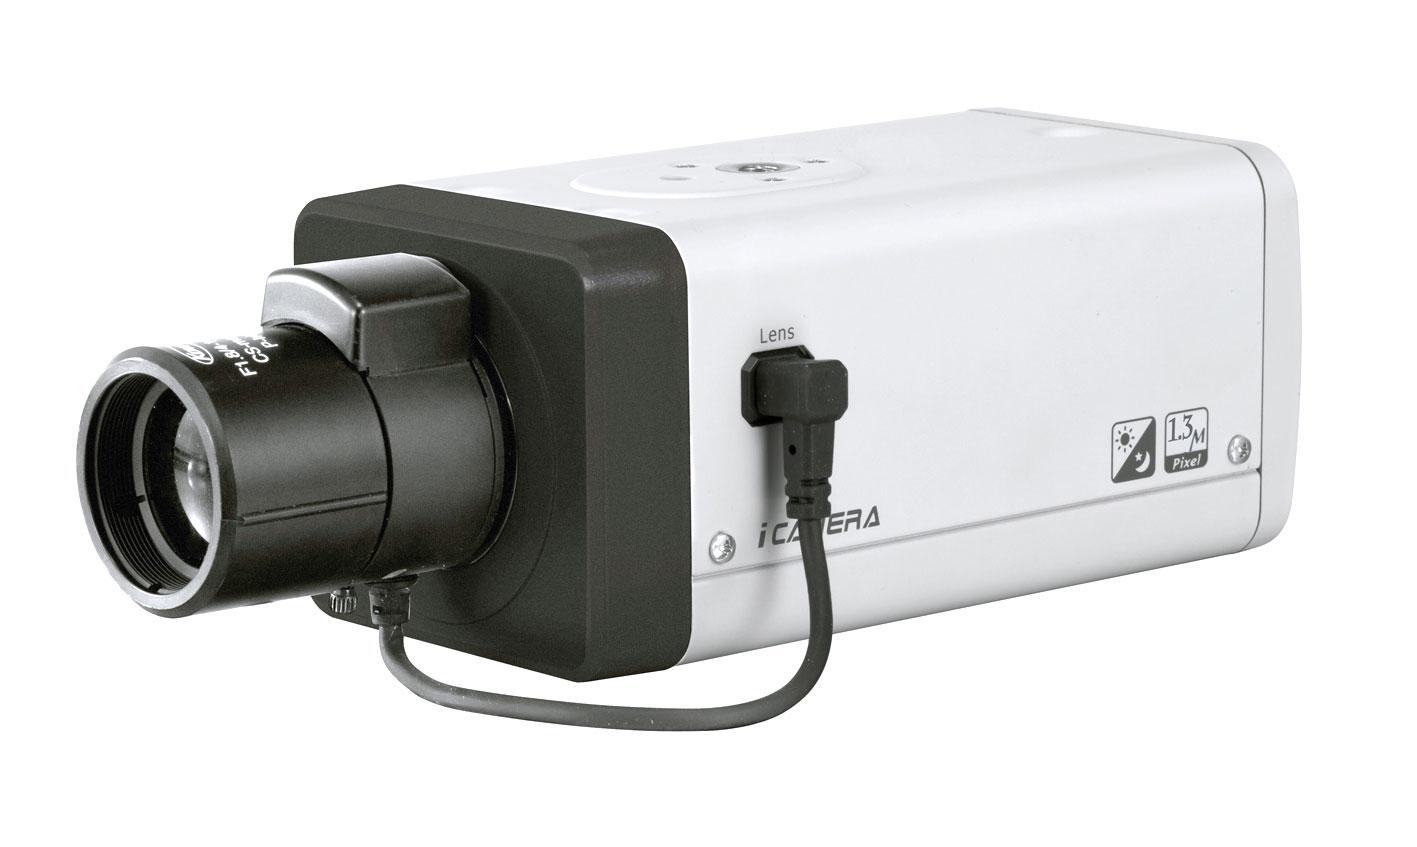 Anyone try the Dahua IPC-HF3100 1 3MP IP box camera? - IP